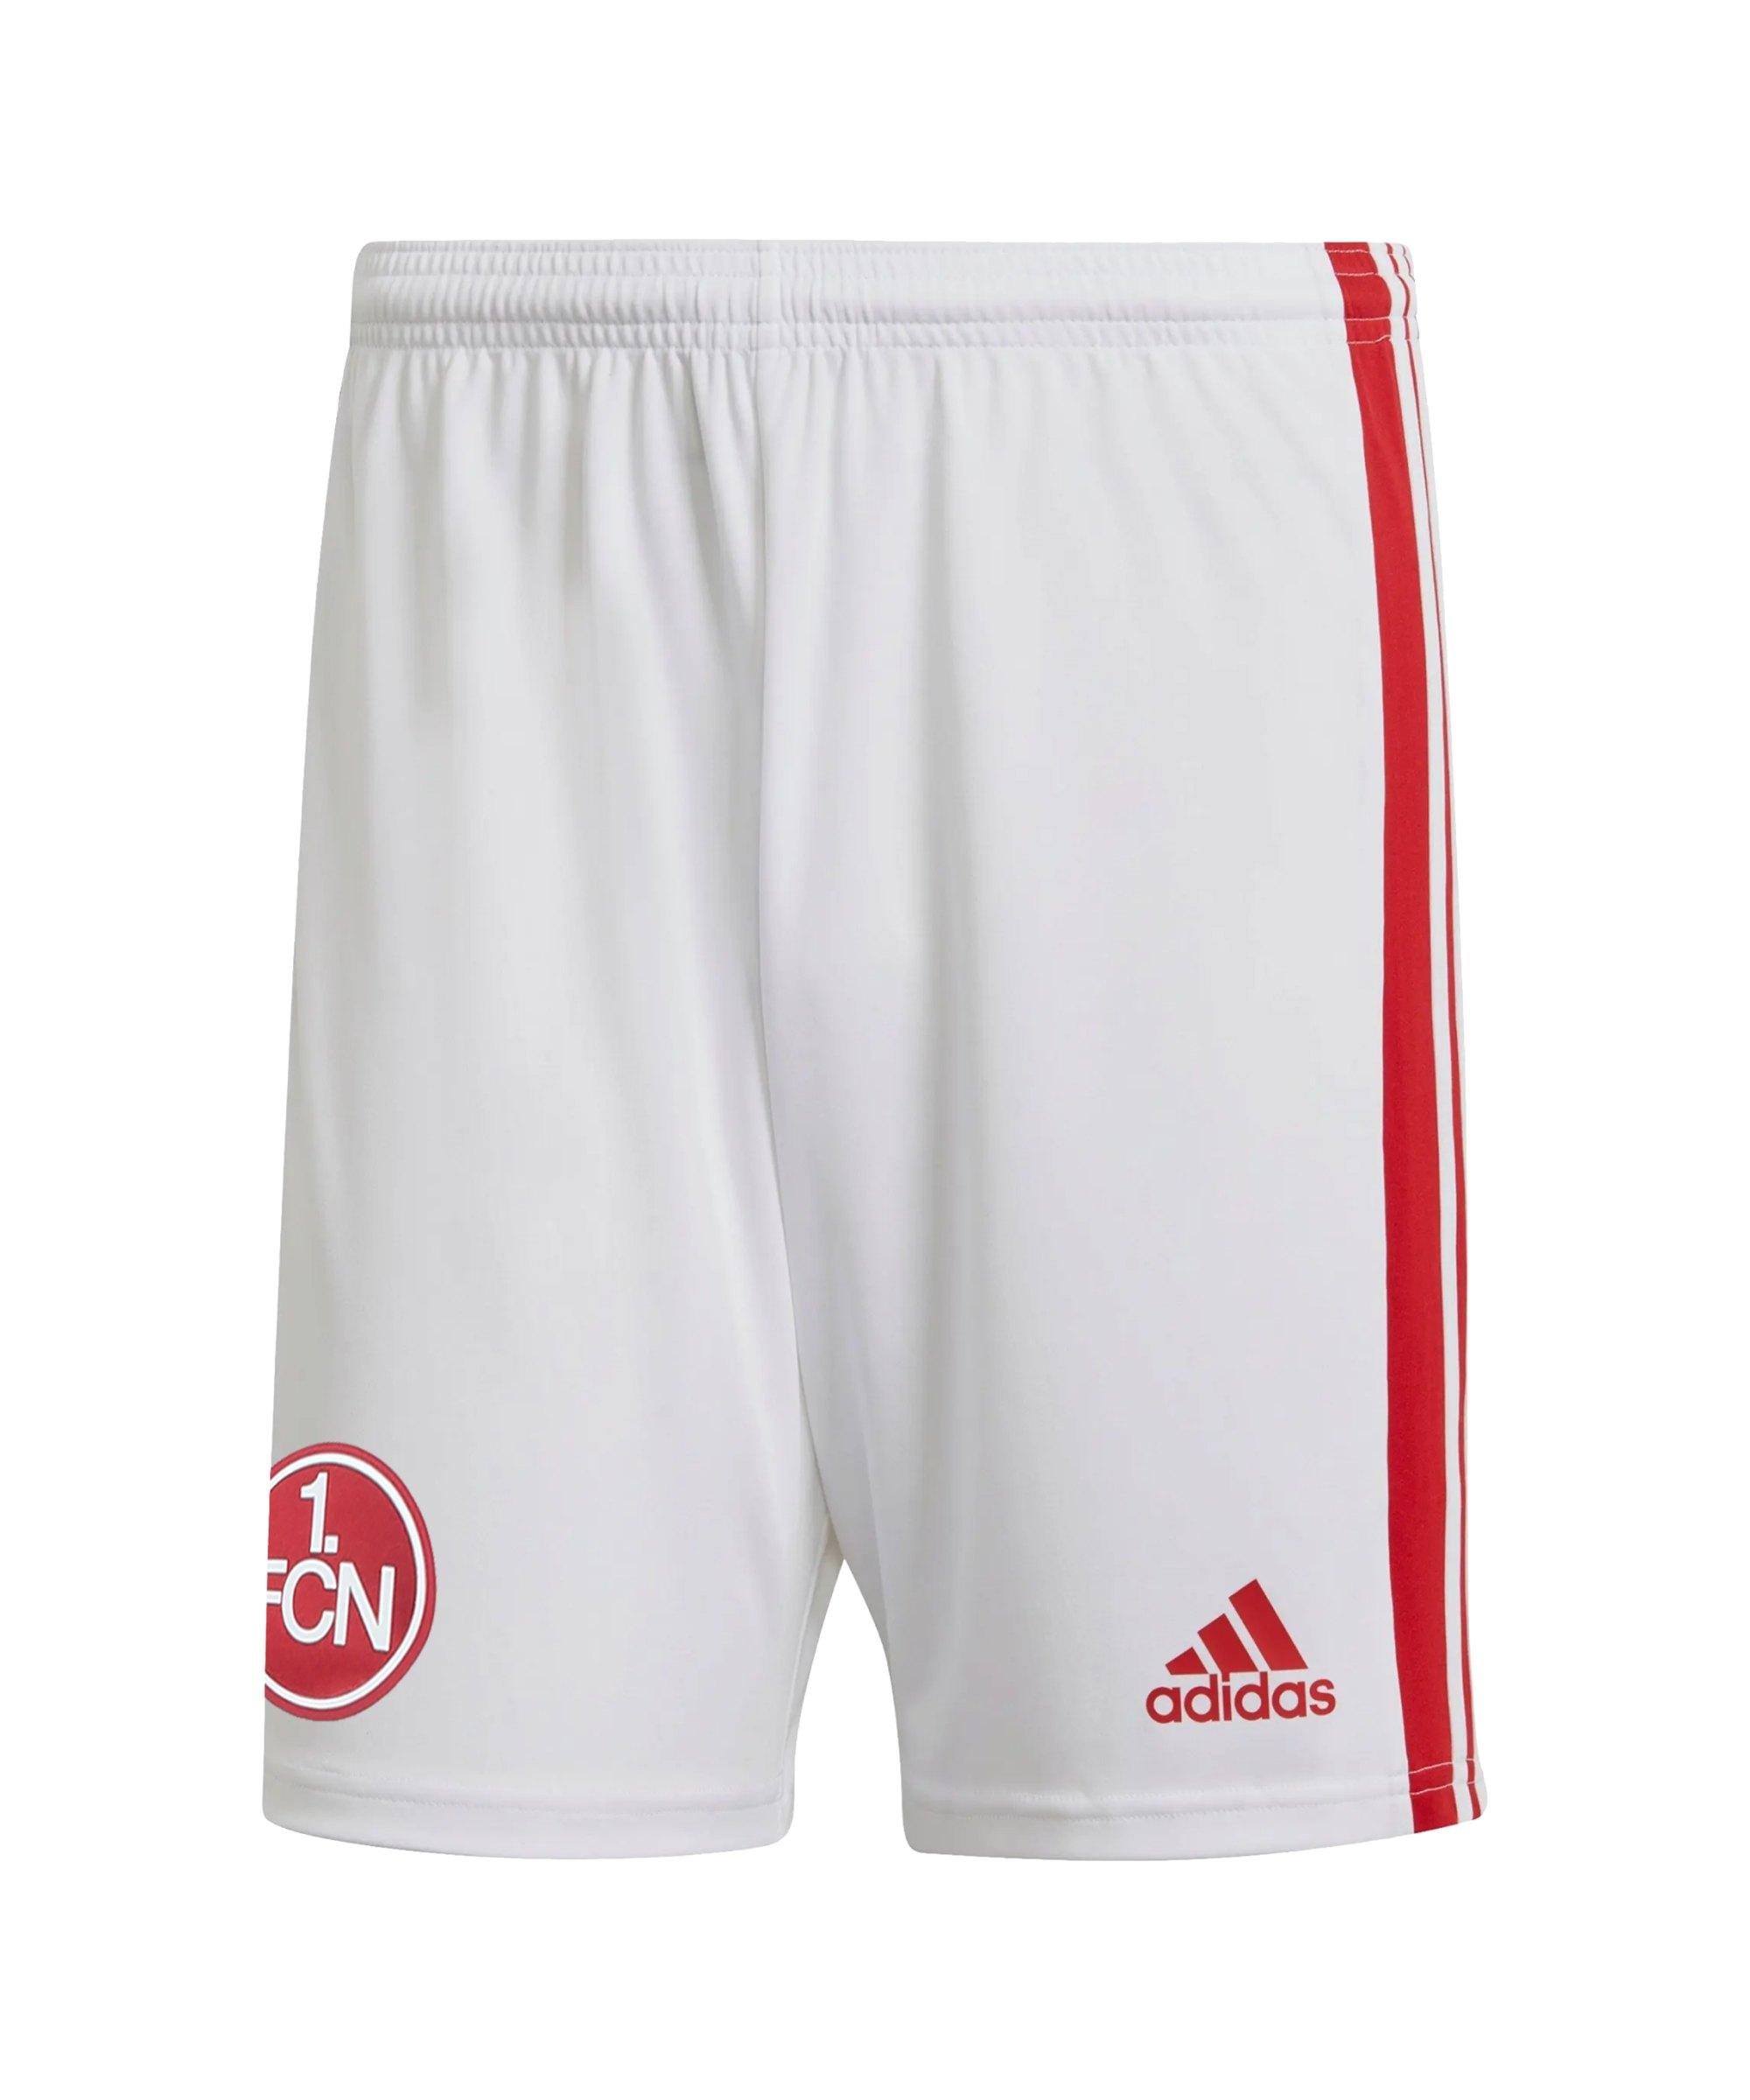 adidas 1. FC Nürnberg Short Away 21/22 Weiss - weiss